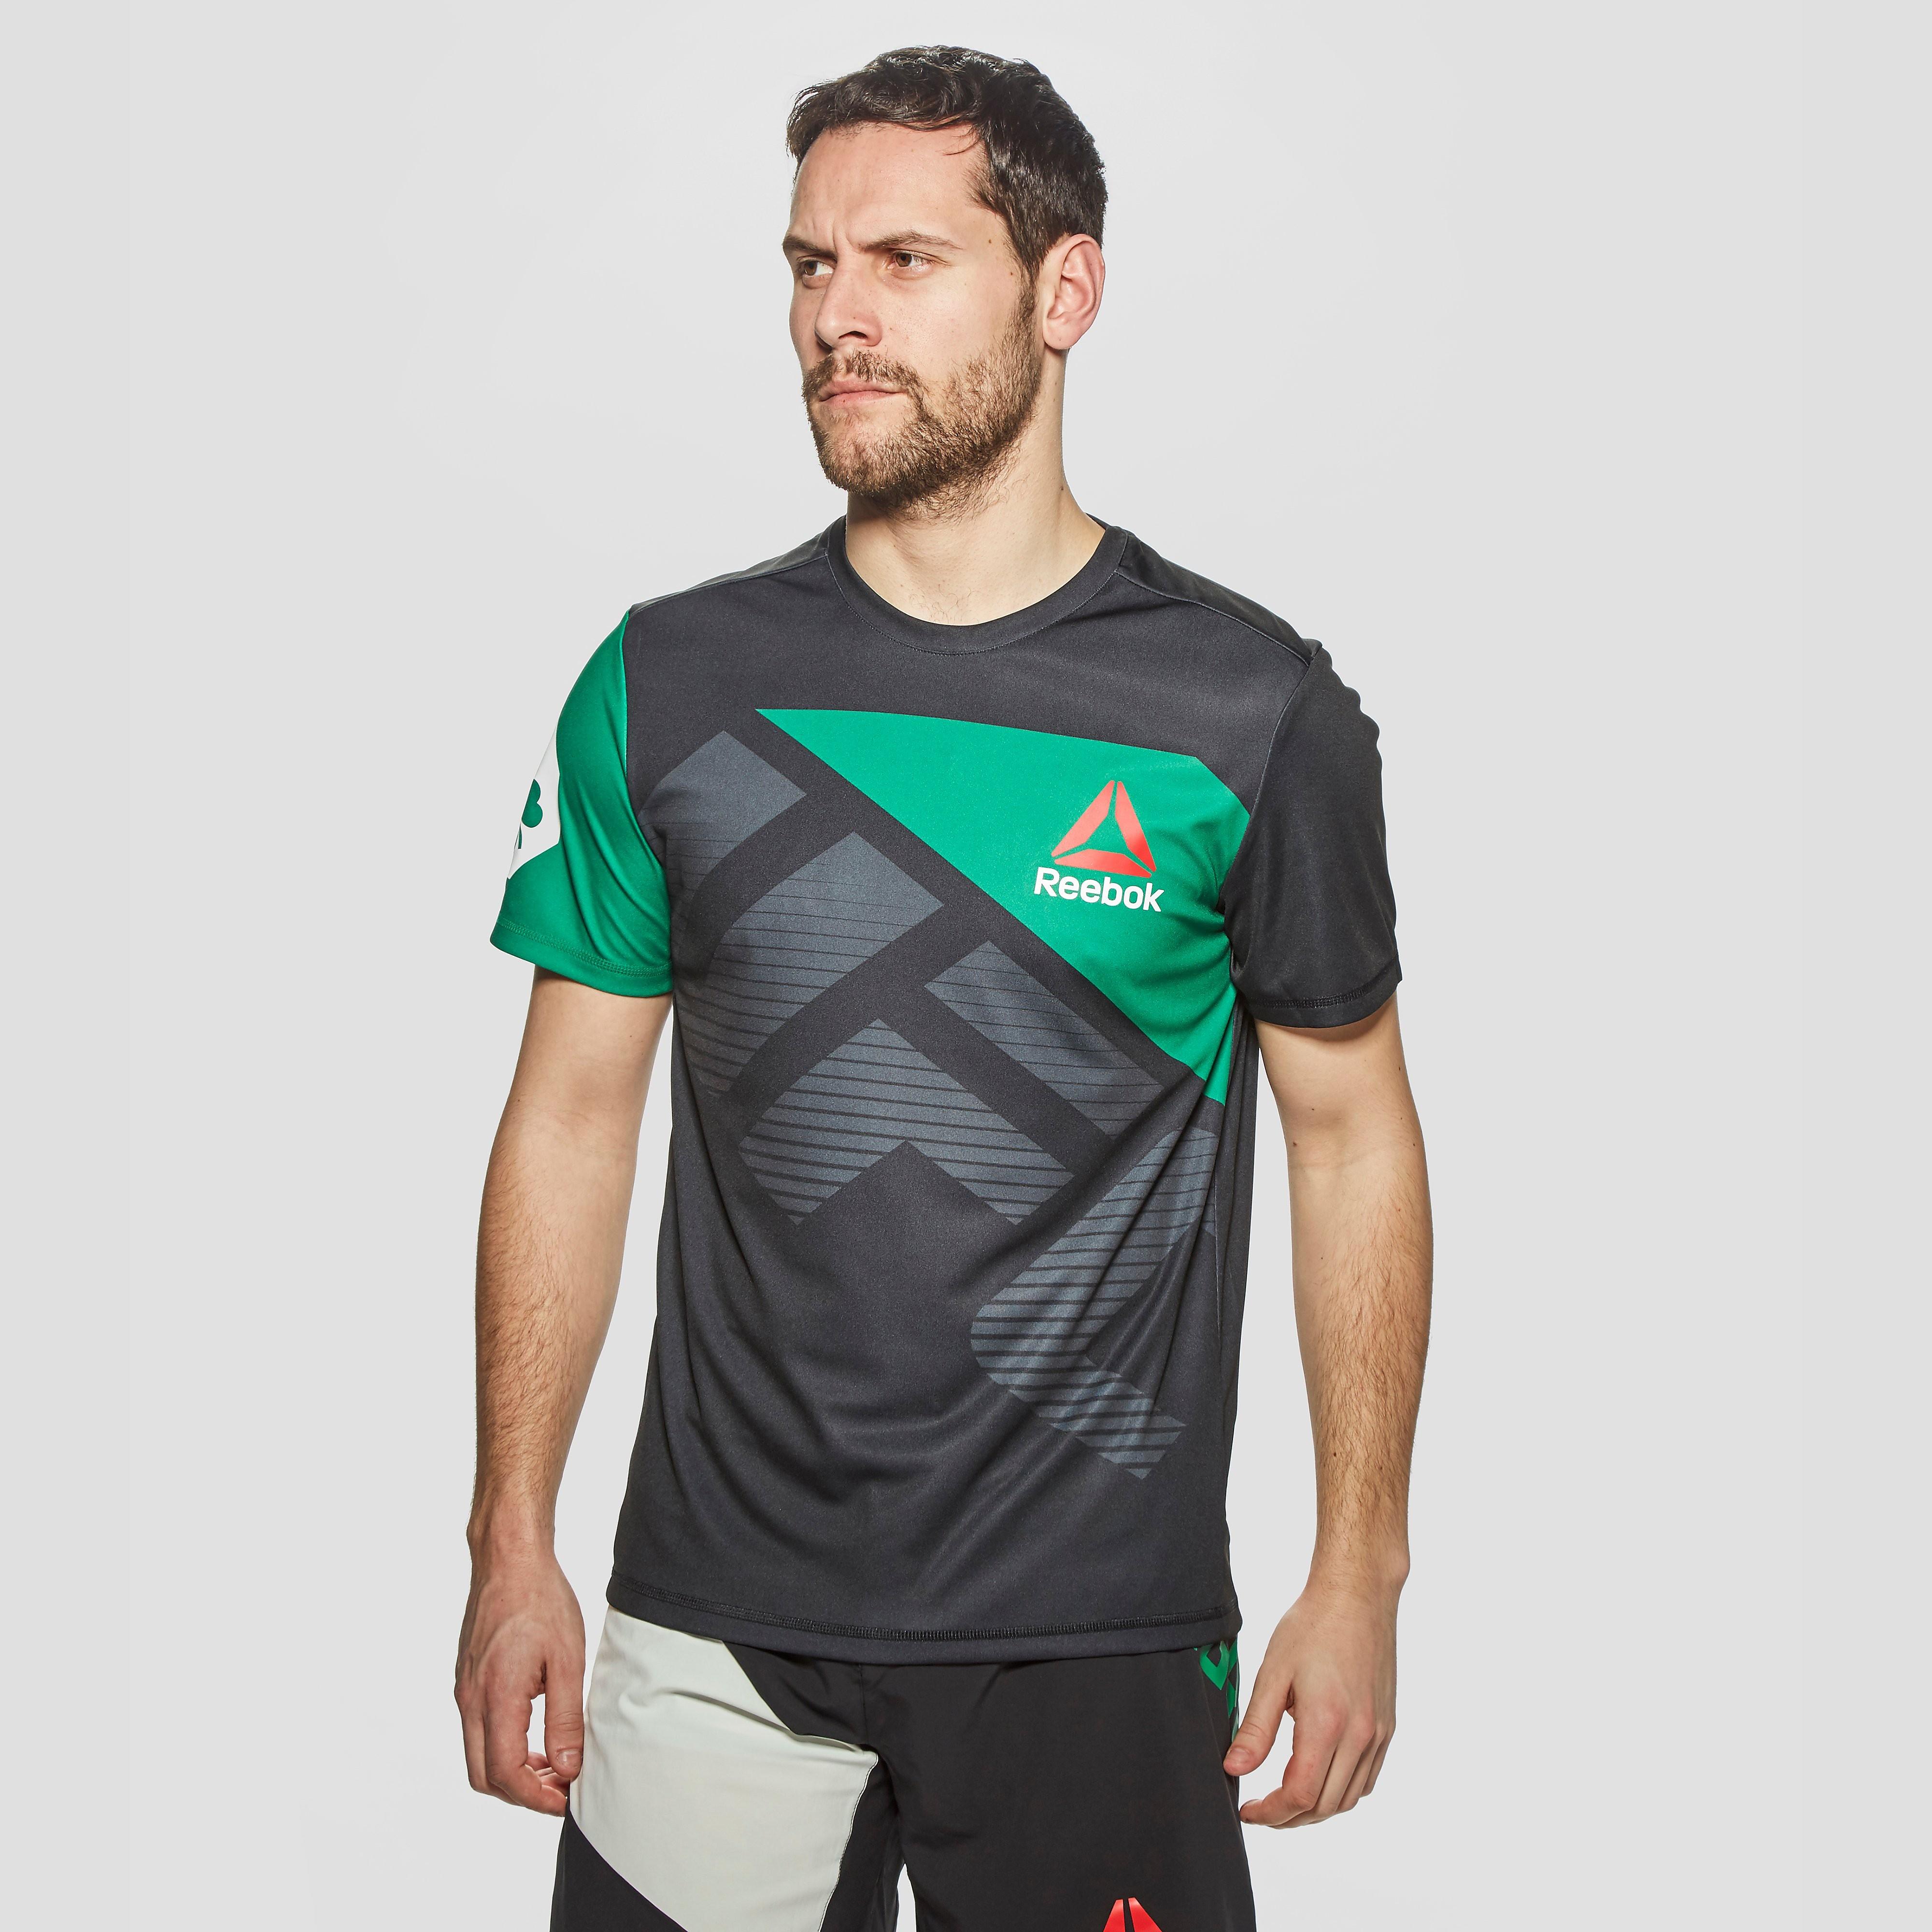 Reebok UFC Conor McGregor Shirt